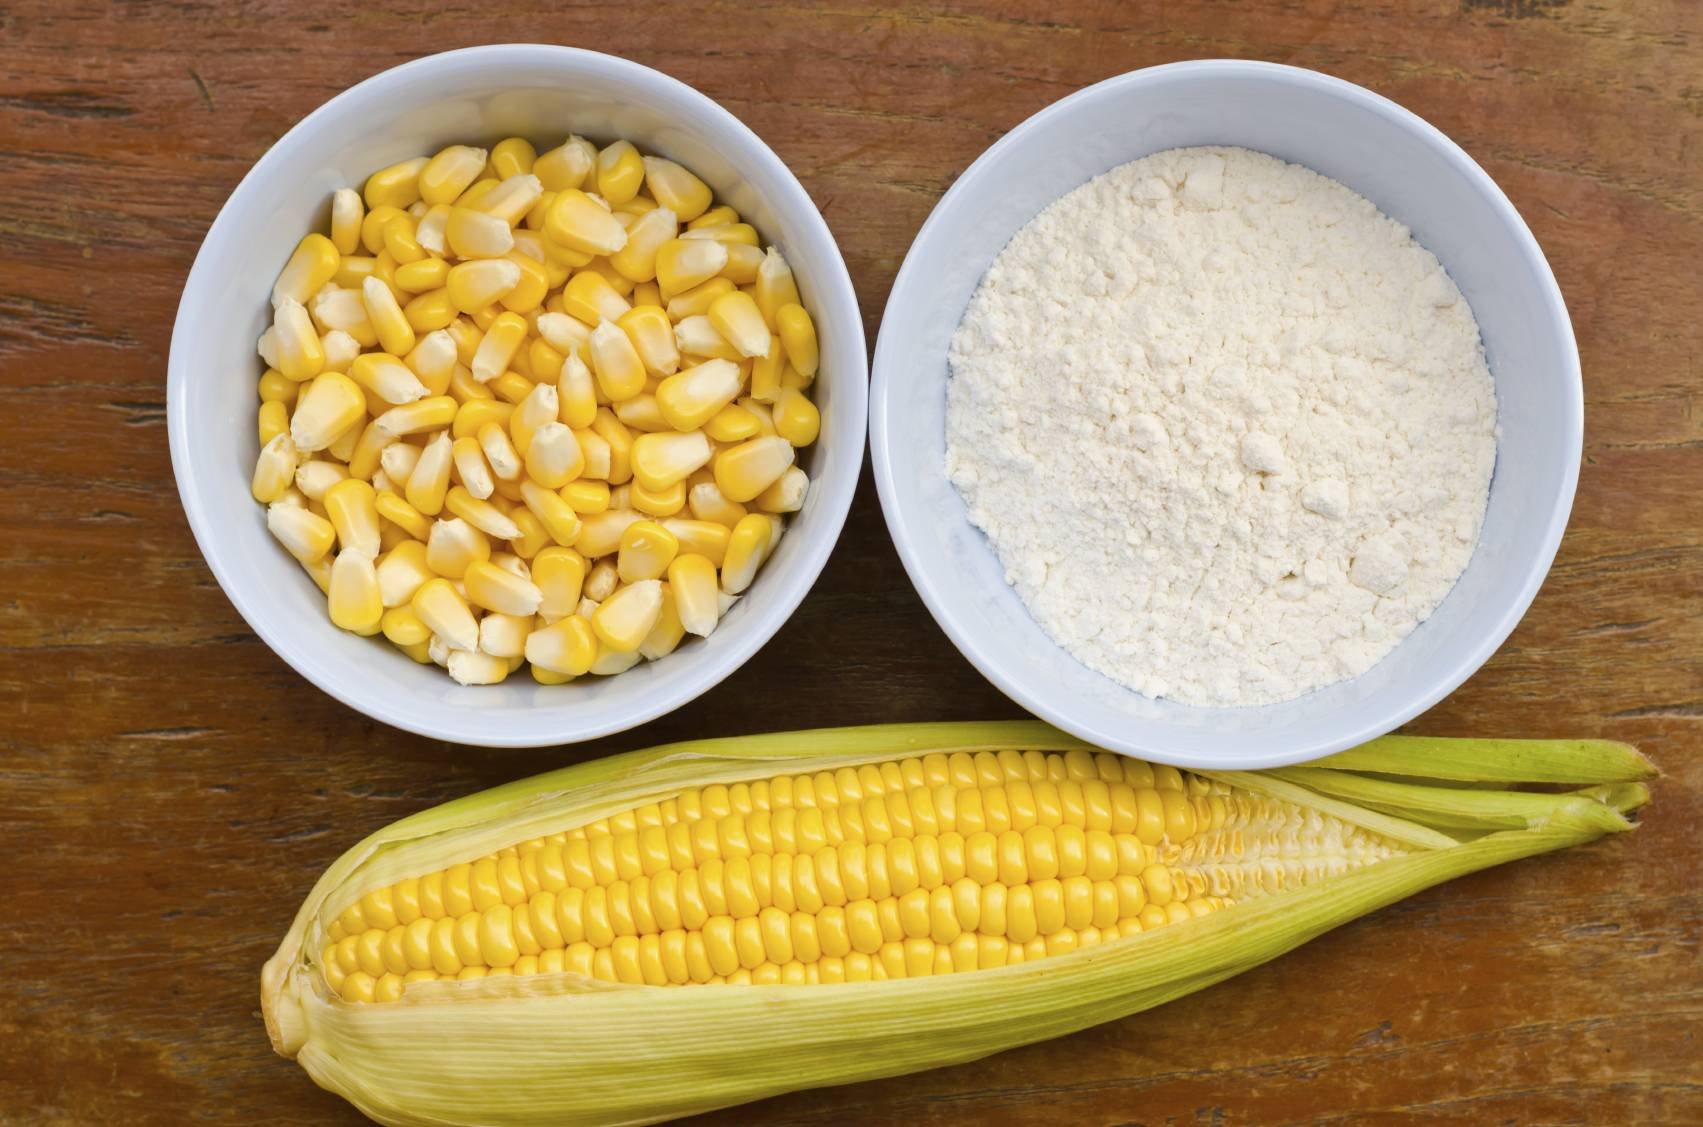 Кукурузный крахмал польза и вред для организма